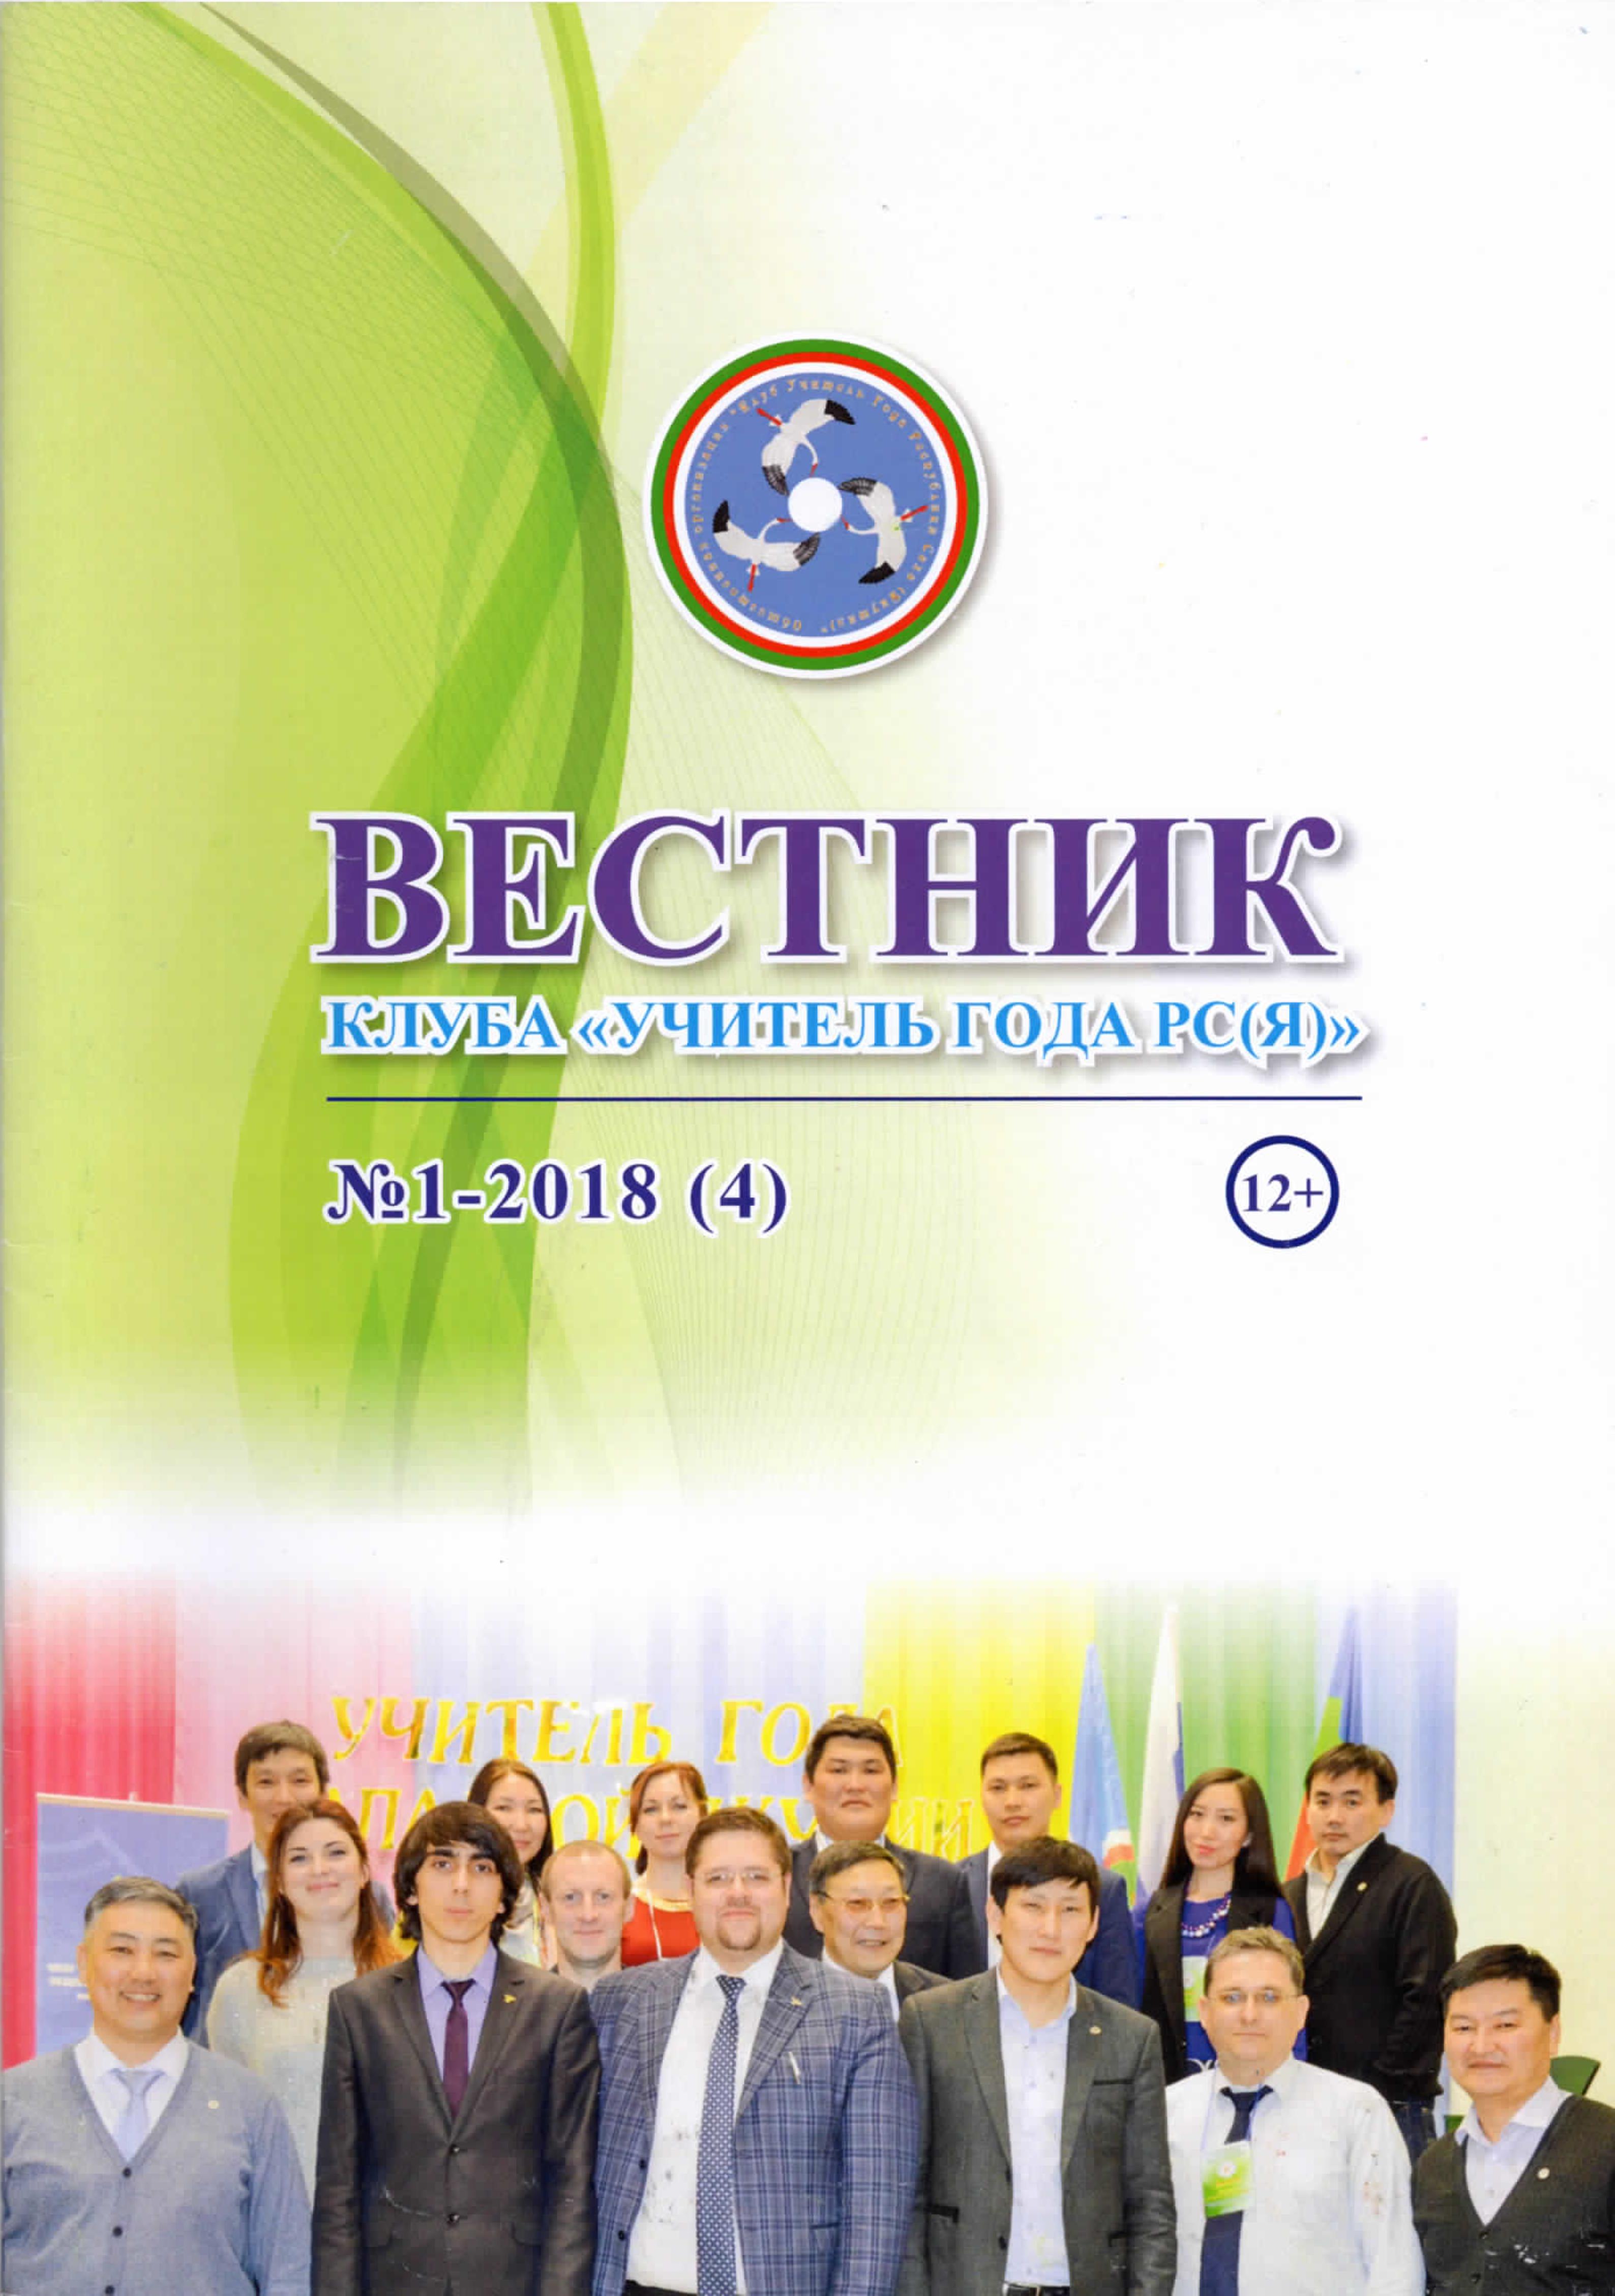 Вестник_2018_4_1